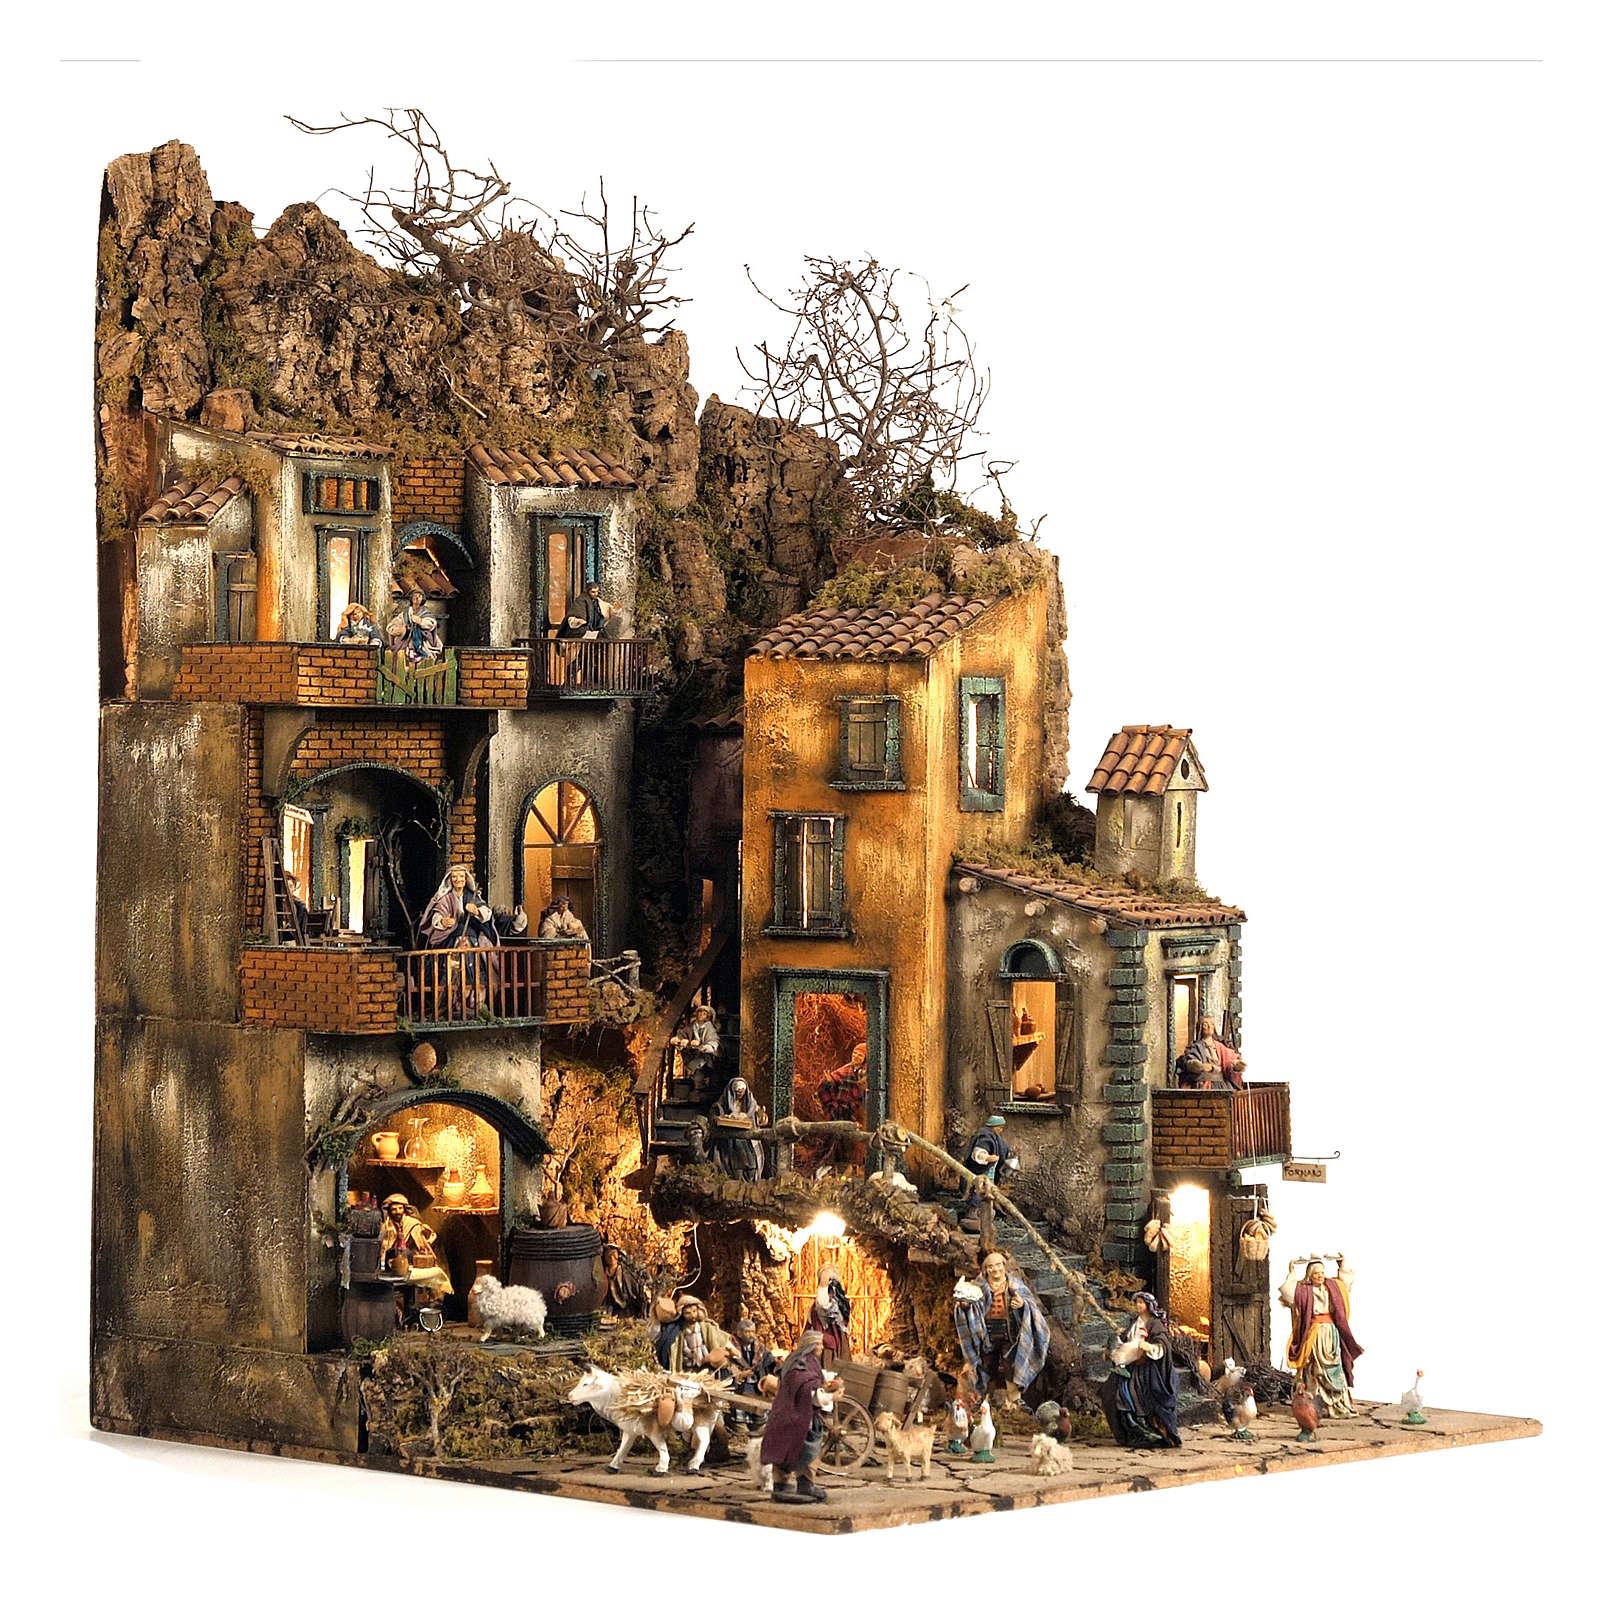 Burgo presépio Nápoles parte D 120x100x100 cm fontanário 25 peças 3 movimentos 4